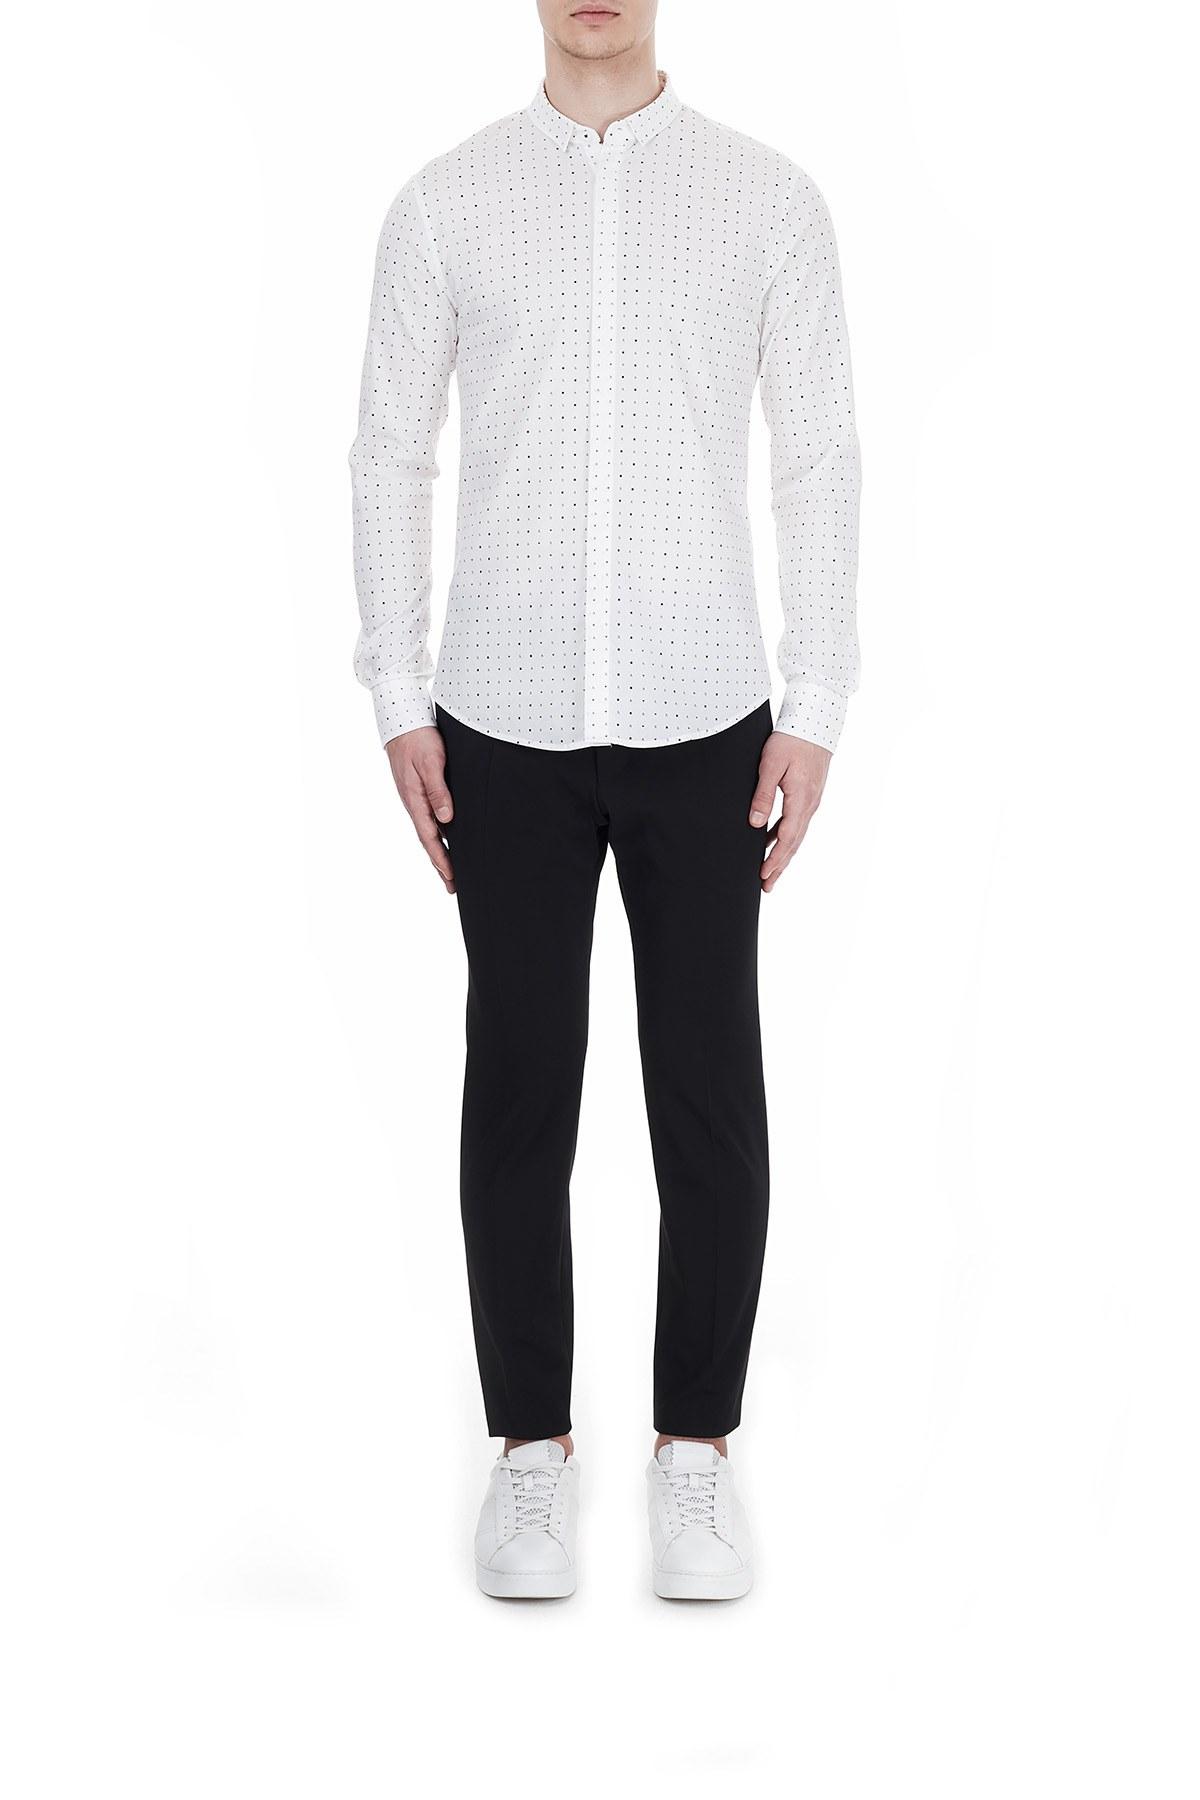 Armani Exchange Slim Fit Pamuklu Baskılı Uzun Kollu Erkek Gömlek 6HZC25 ZNEAZ 8171 BEYAZ